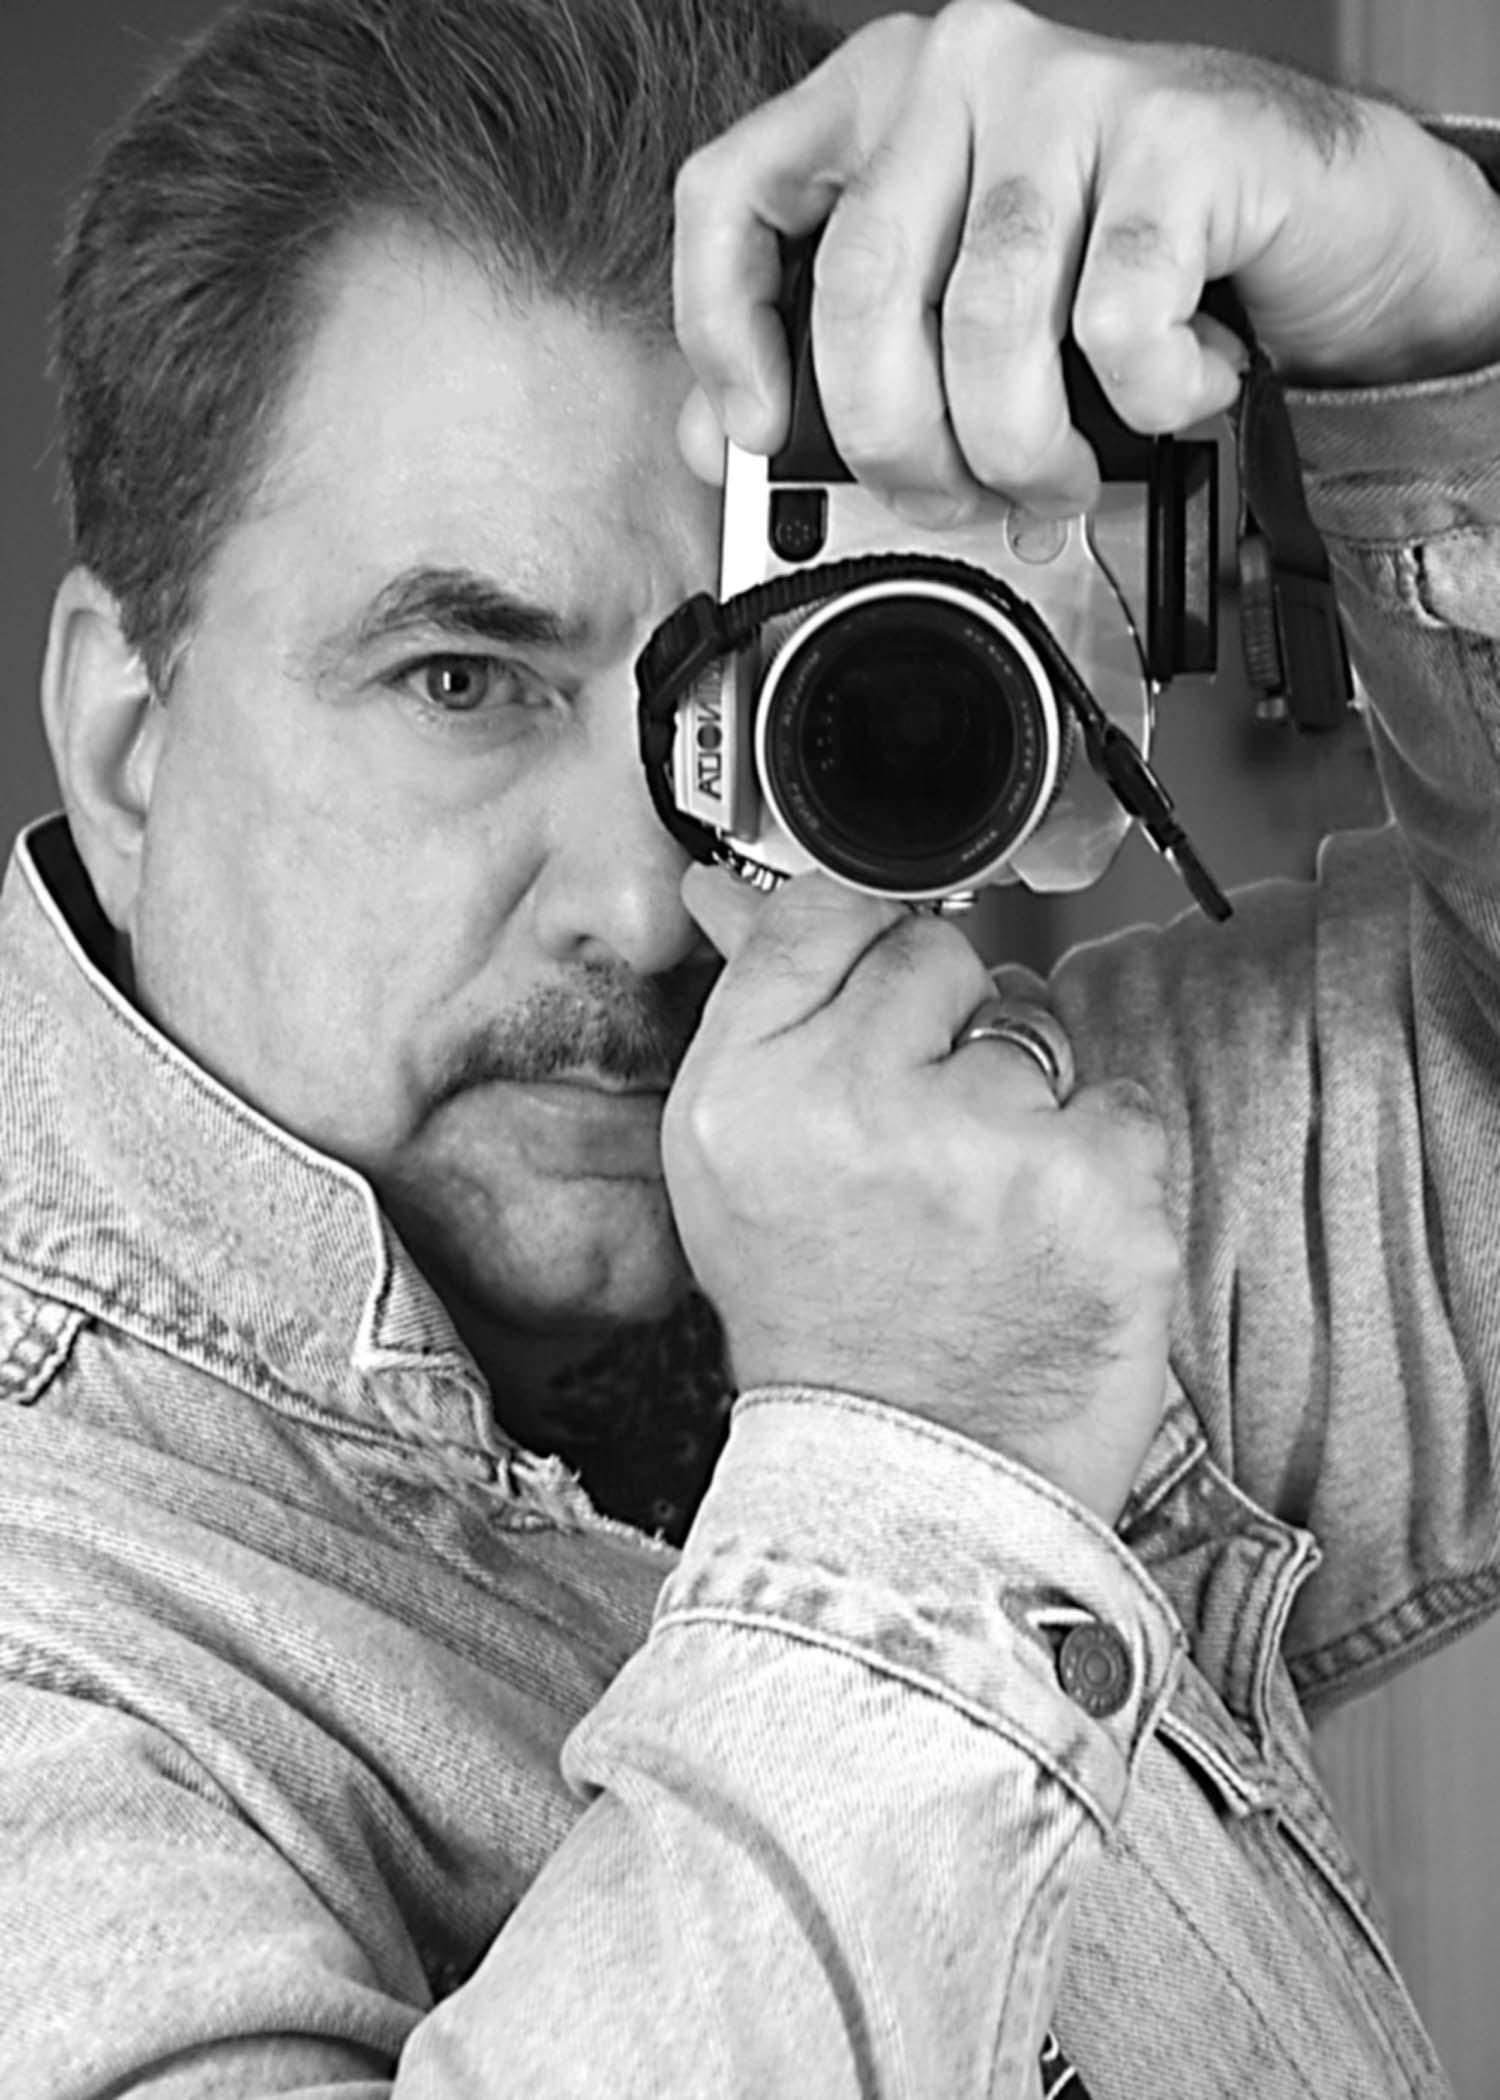 Joseph Maino photographer